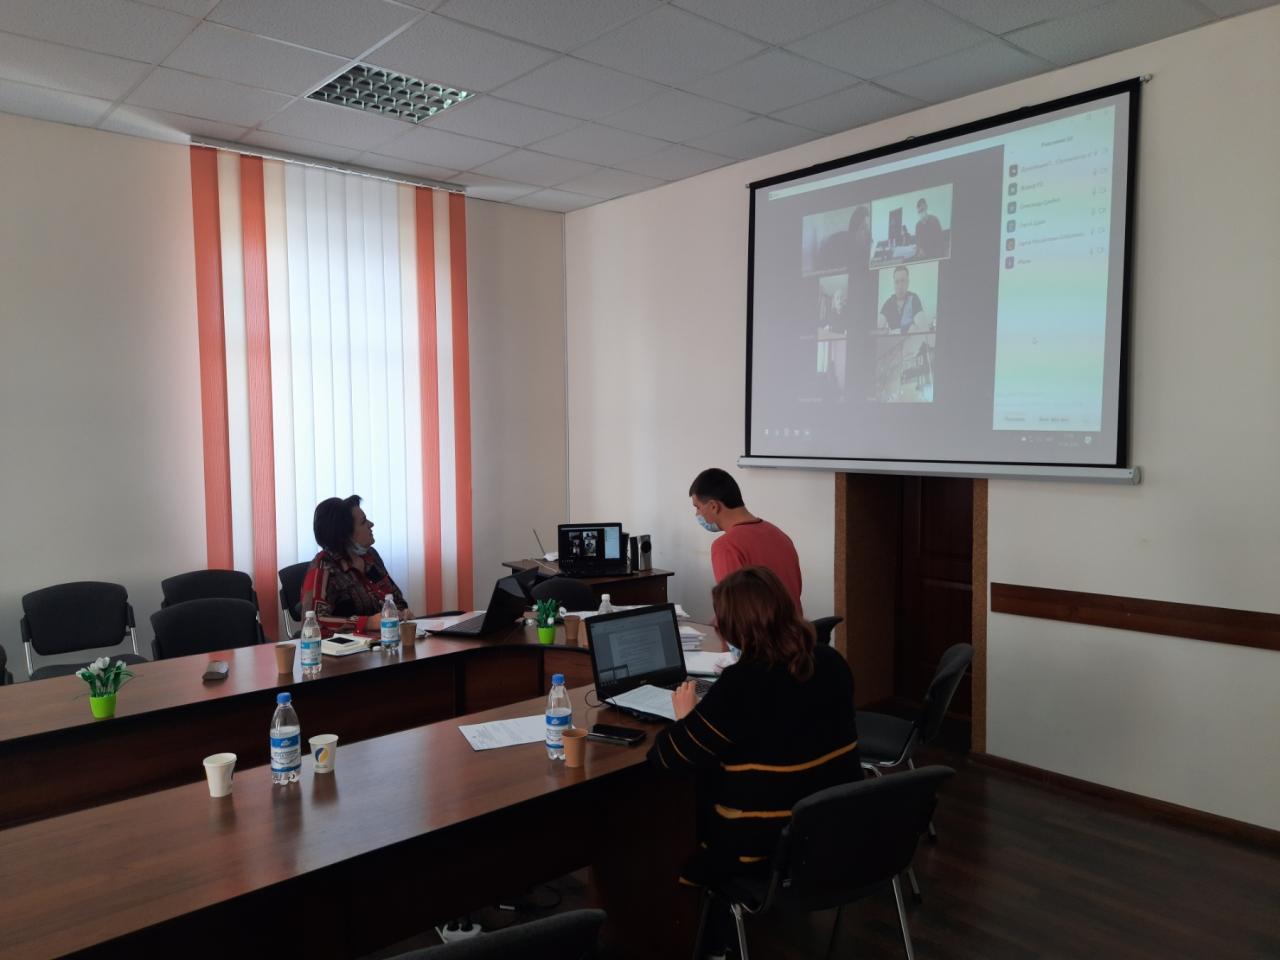 http://dunrada.gov.ua/uploadfile/archive_news/2020/04/10/2020-04-10_2829/images/images-81981.jpg